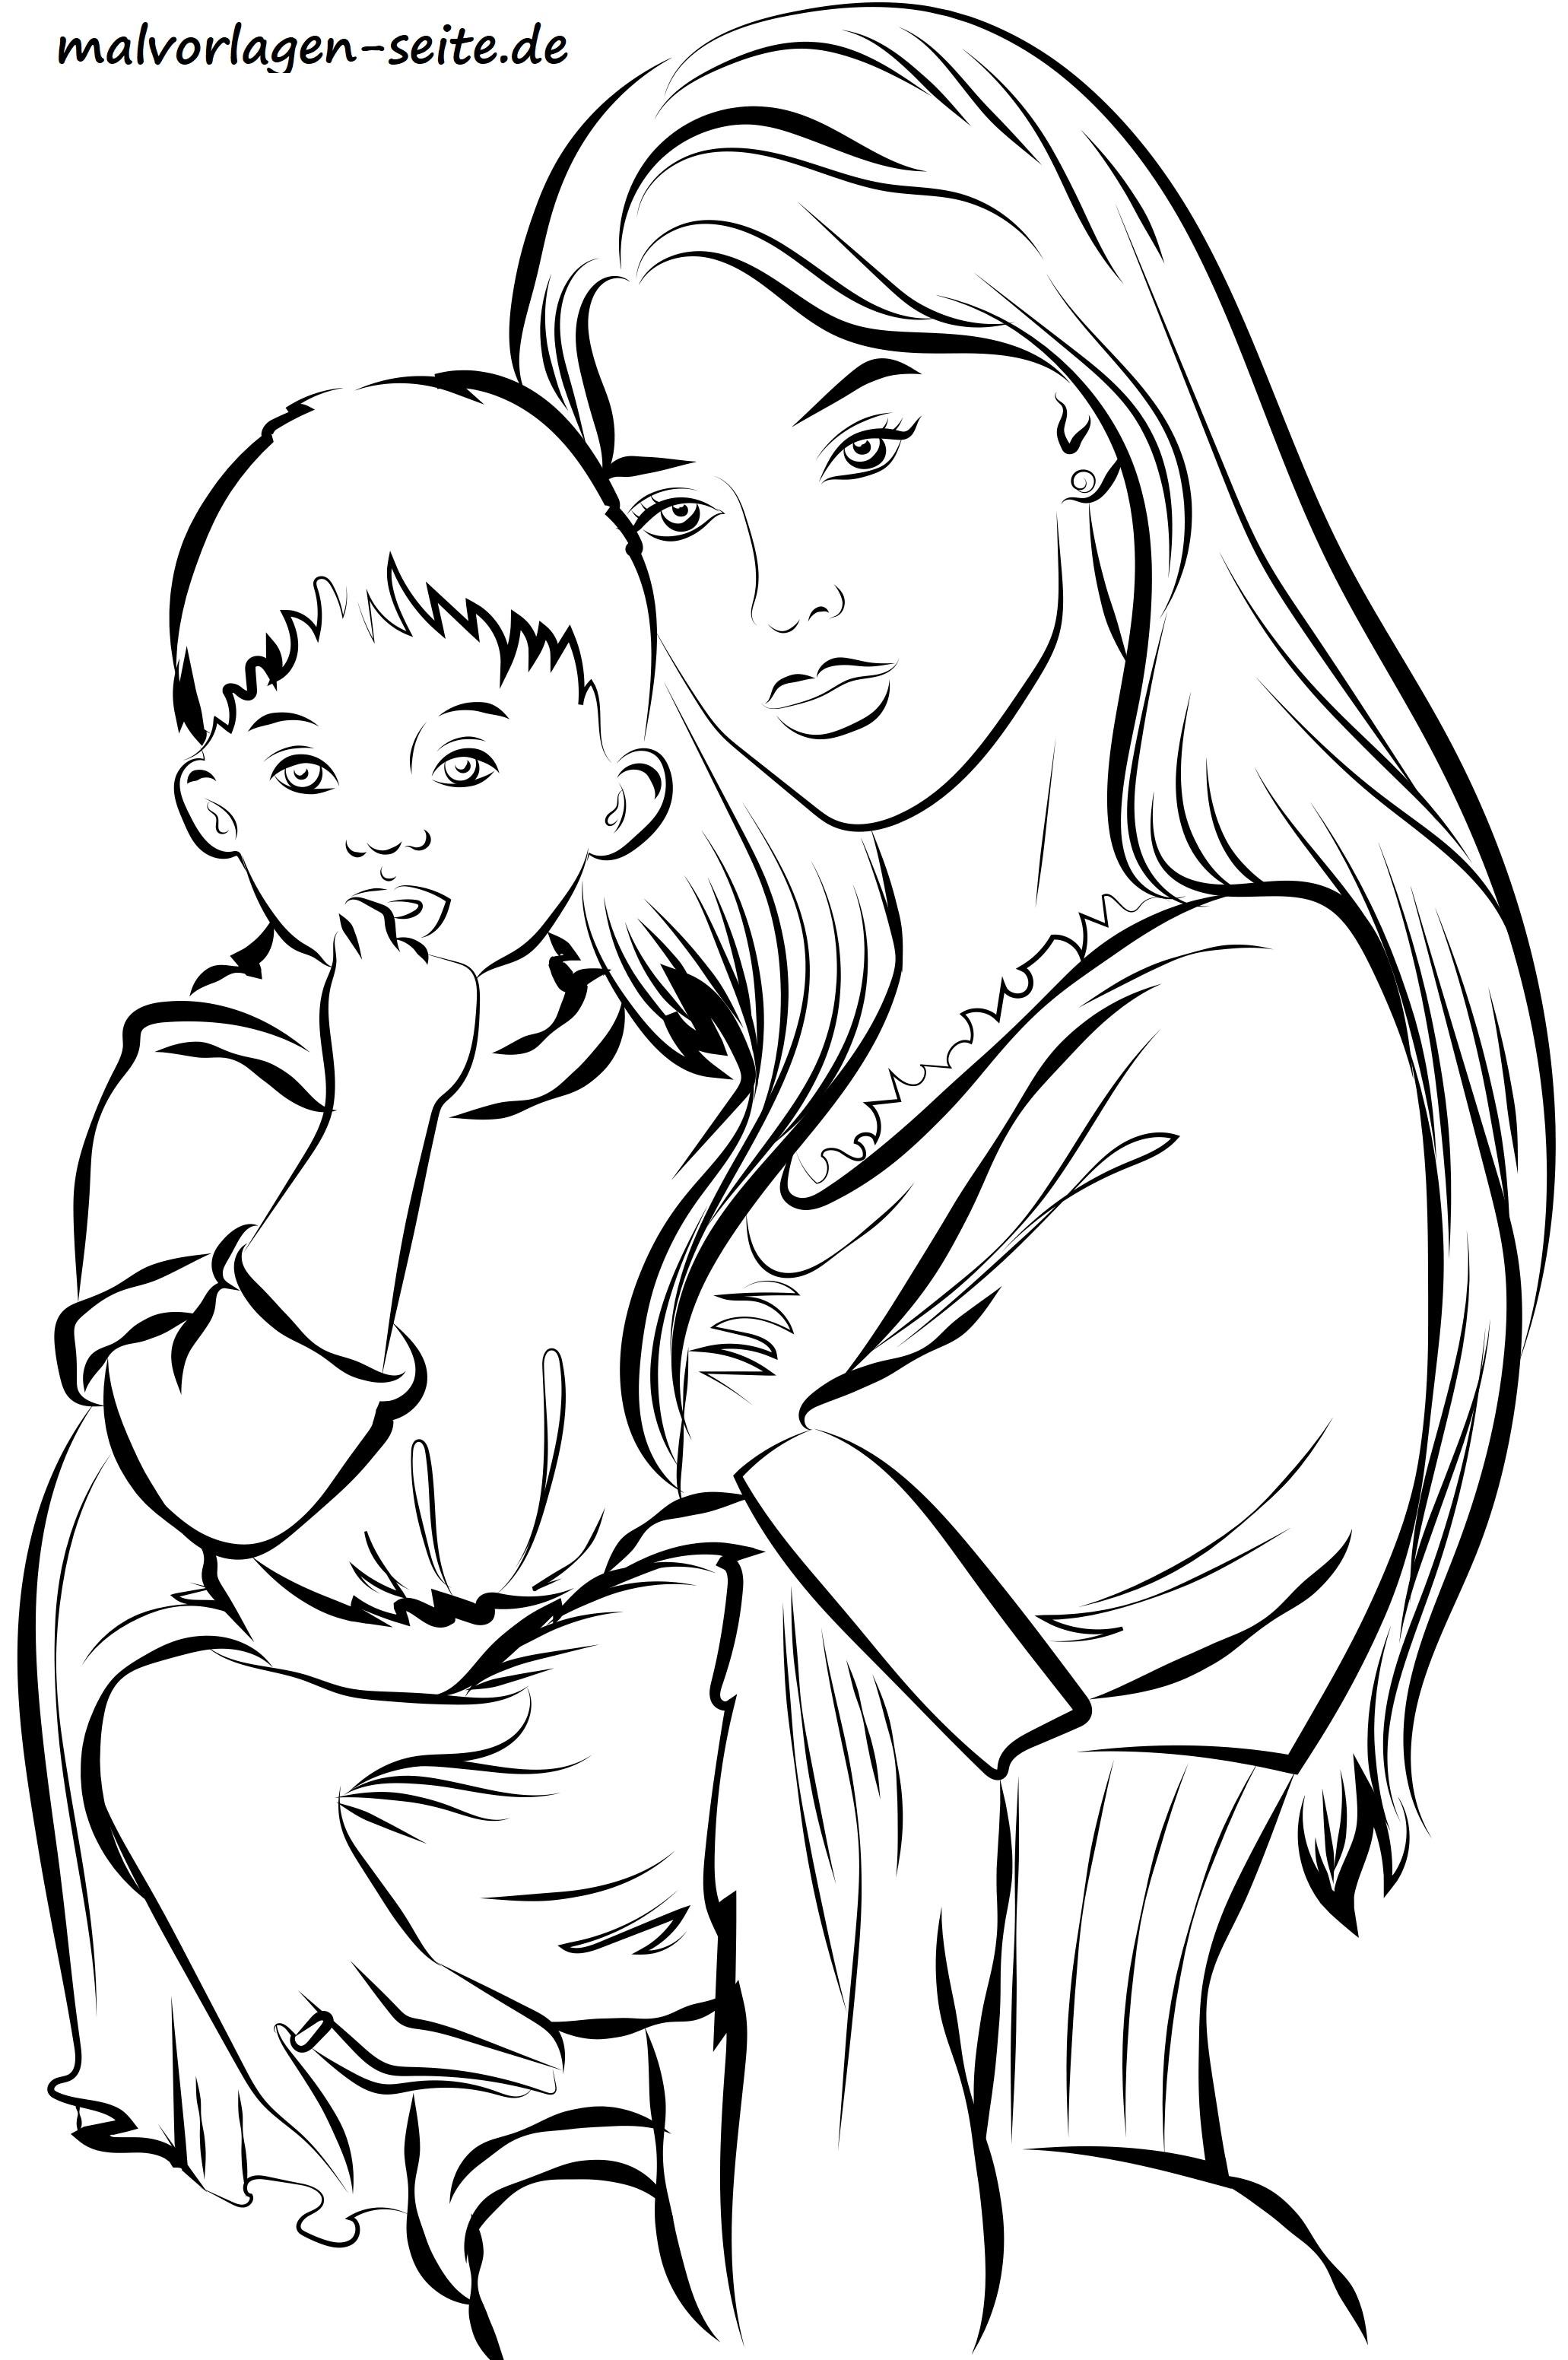 Mutter und Kind auf dem Arm zum Ausmalen für Erwachsene